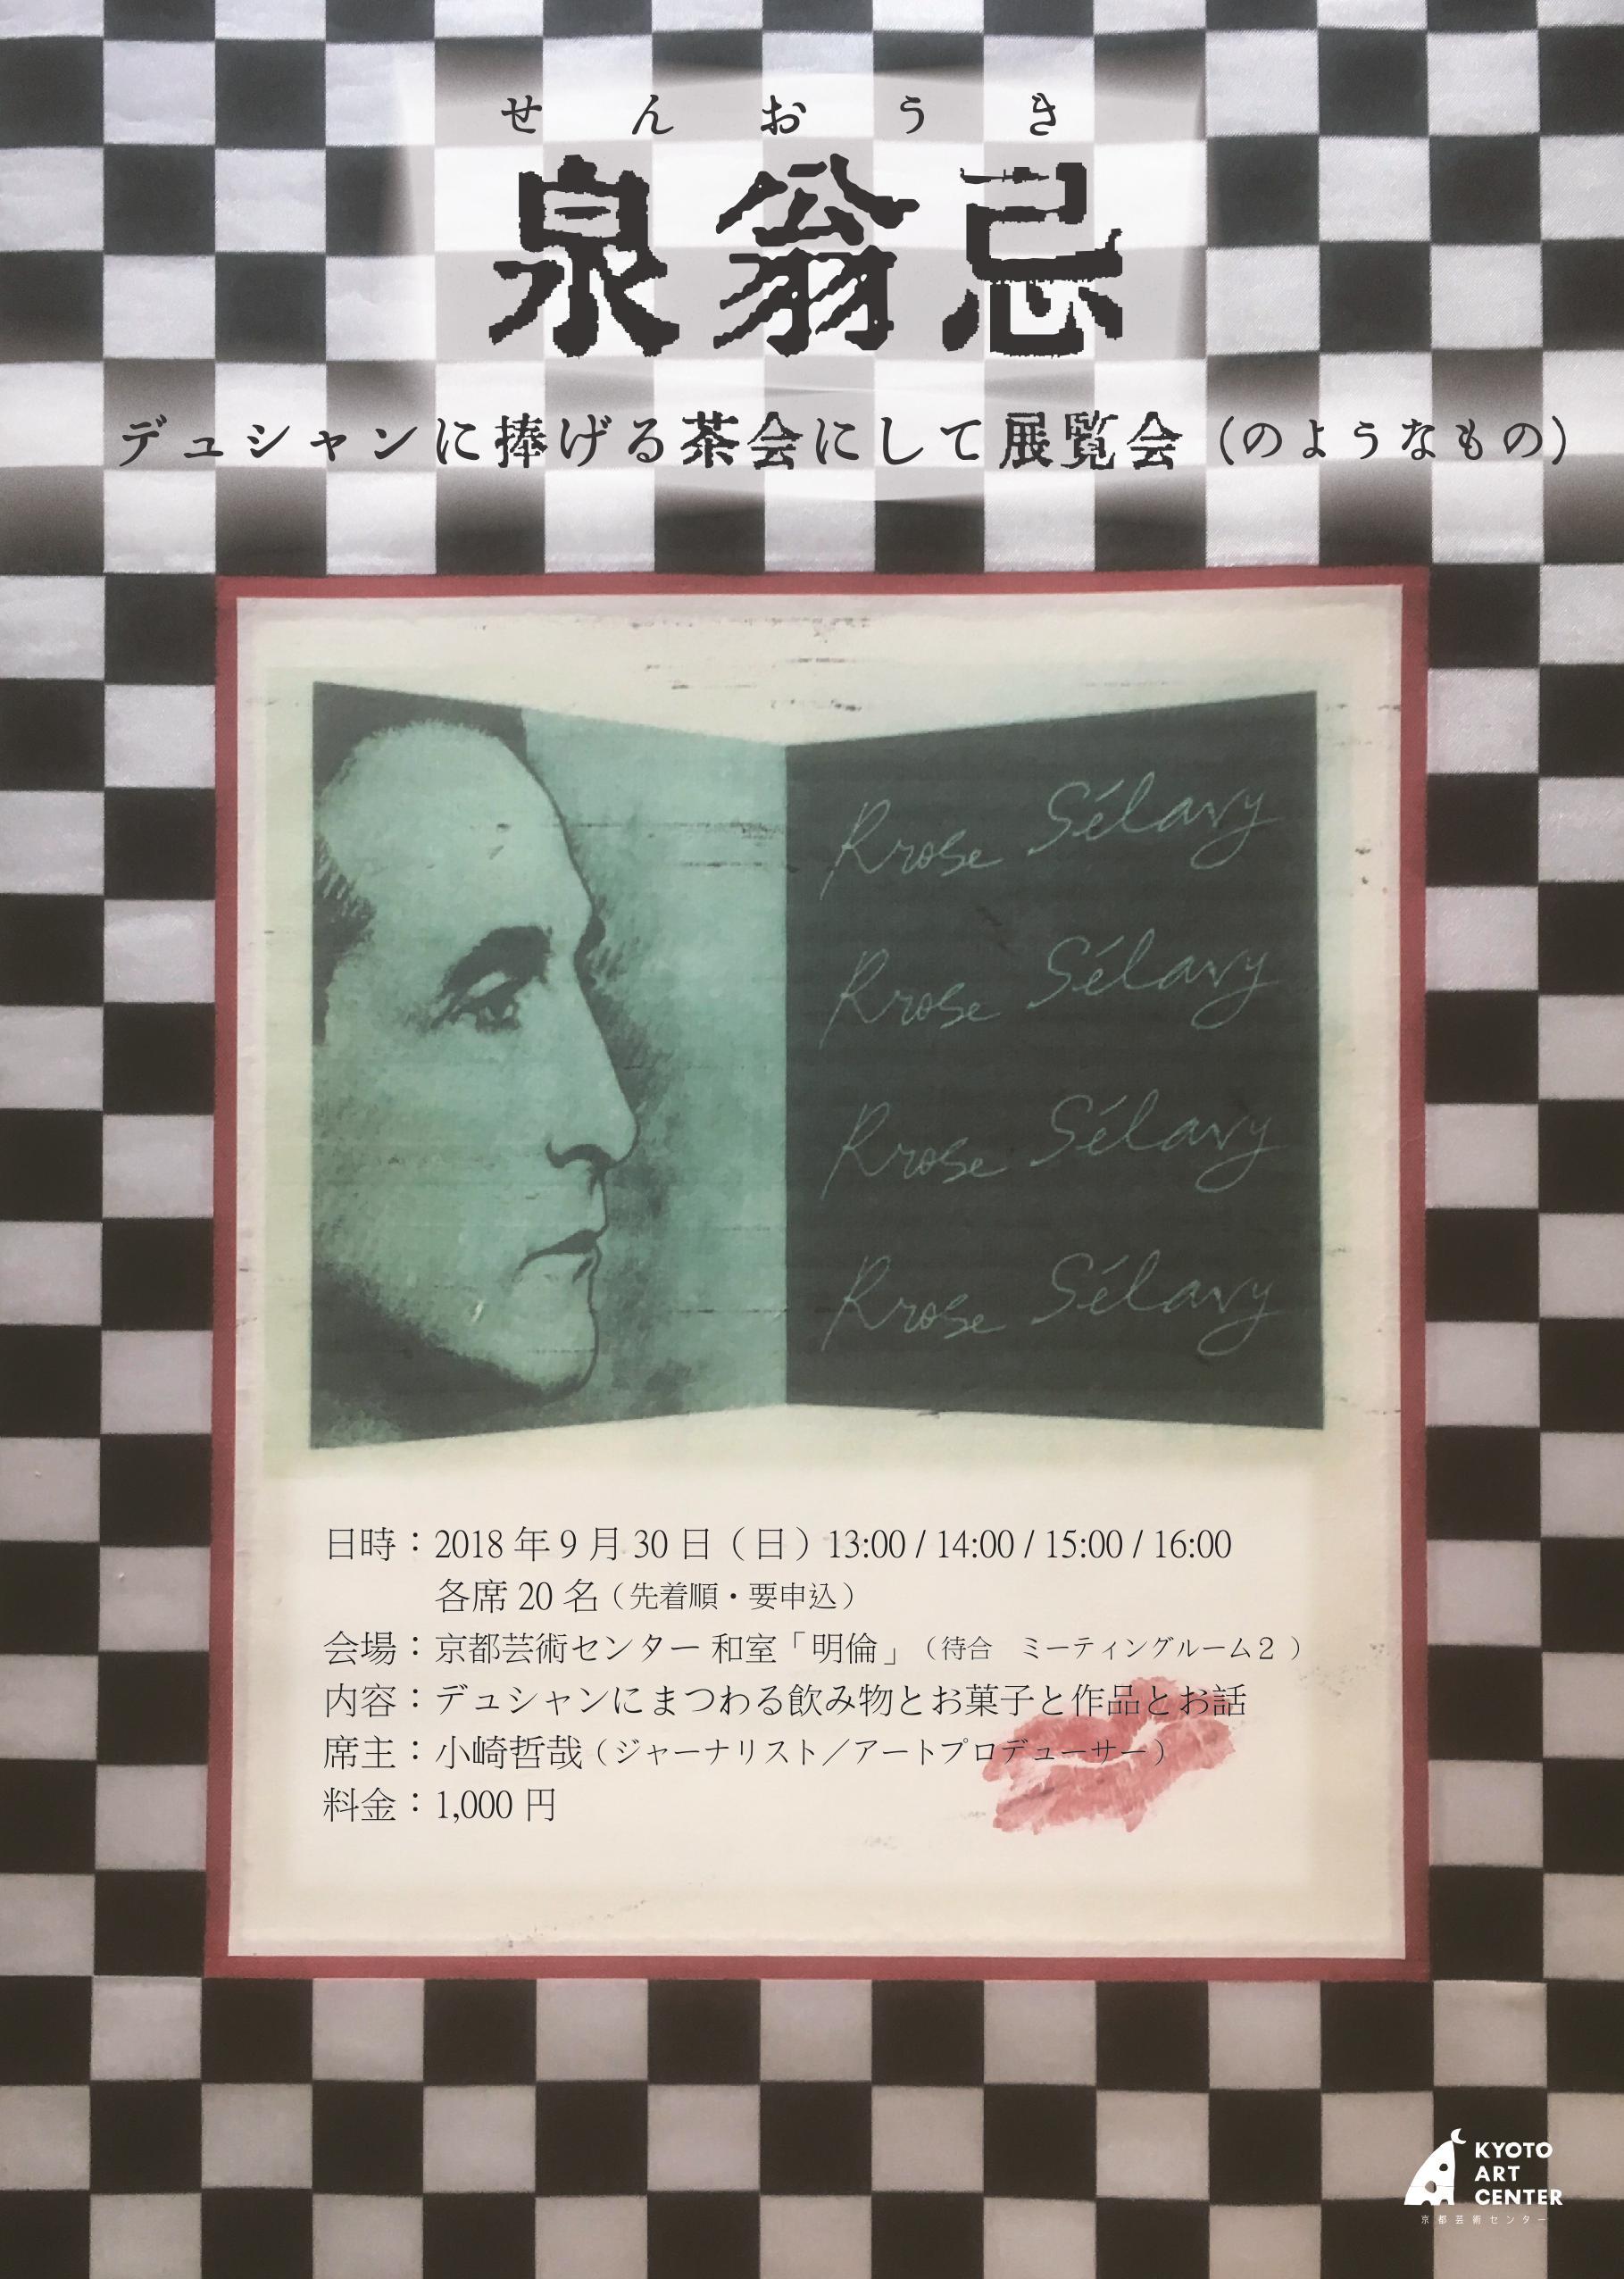 瀧口修造(+マン・レイ+マルセル・デュシャン)「ウィルソン・リンカーン・システムによるローズ・セラヴィ」(1964) /表具:吉田裕子(2018=部分)